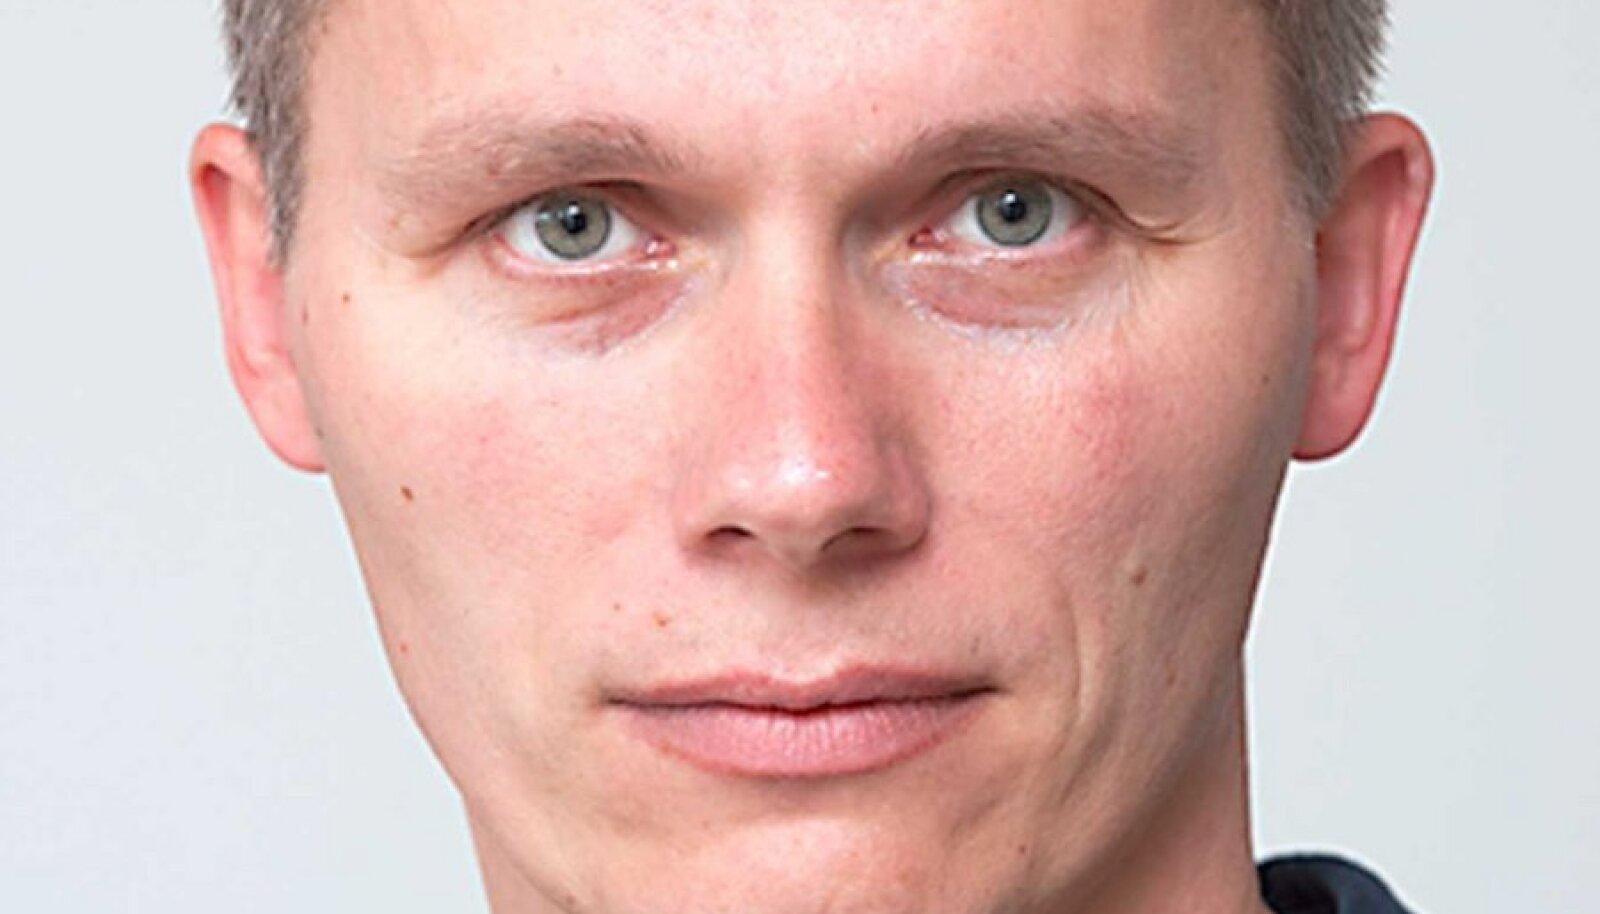 Tarmo Jüristo